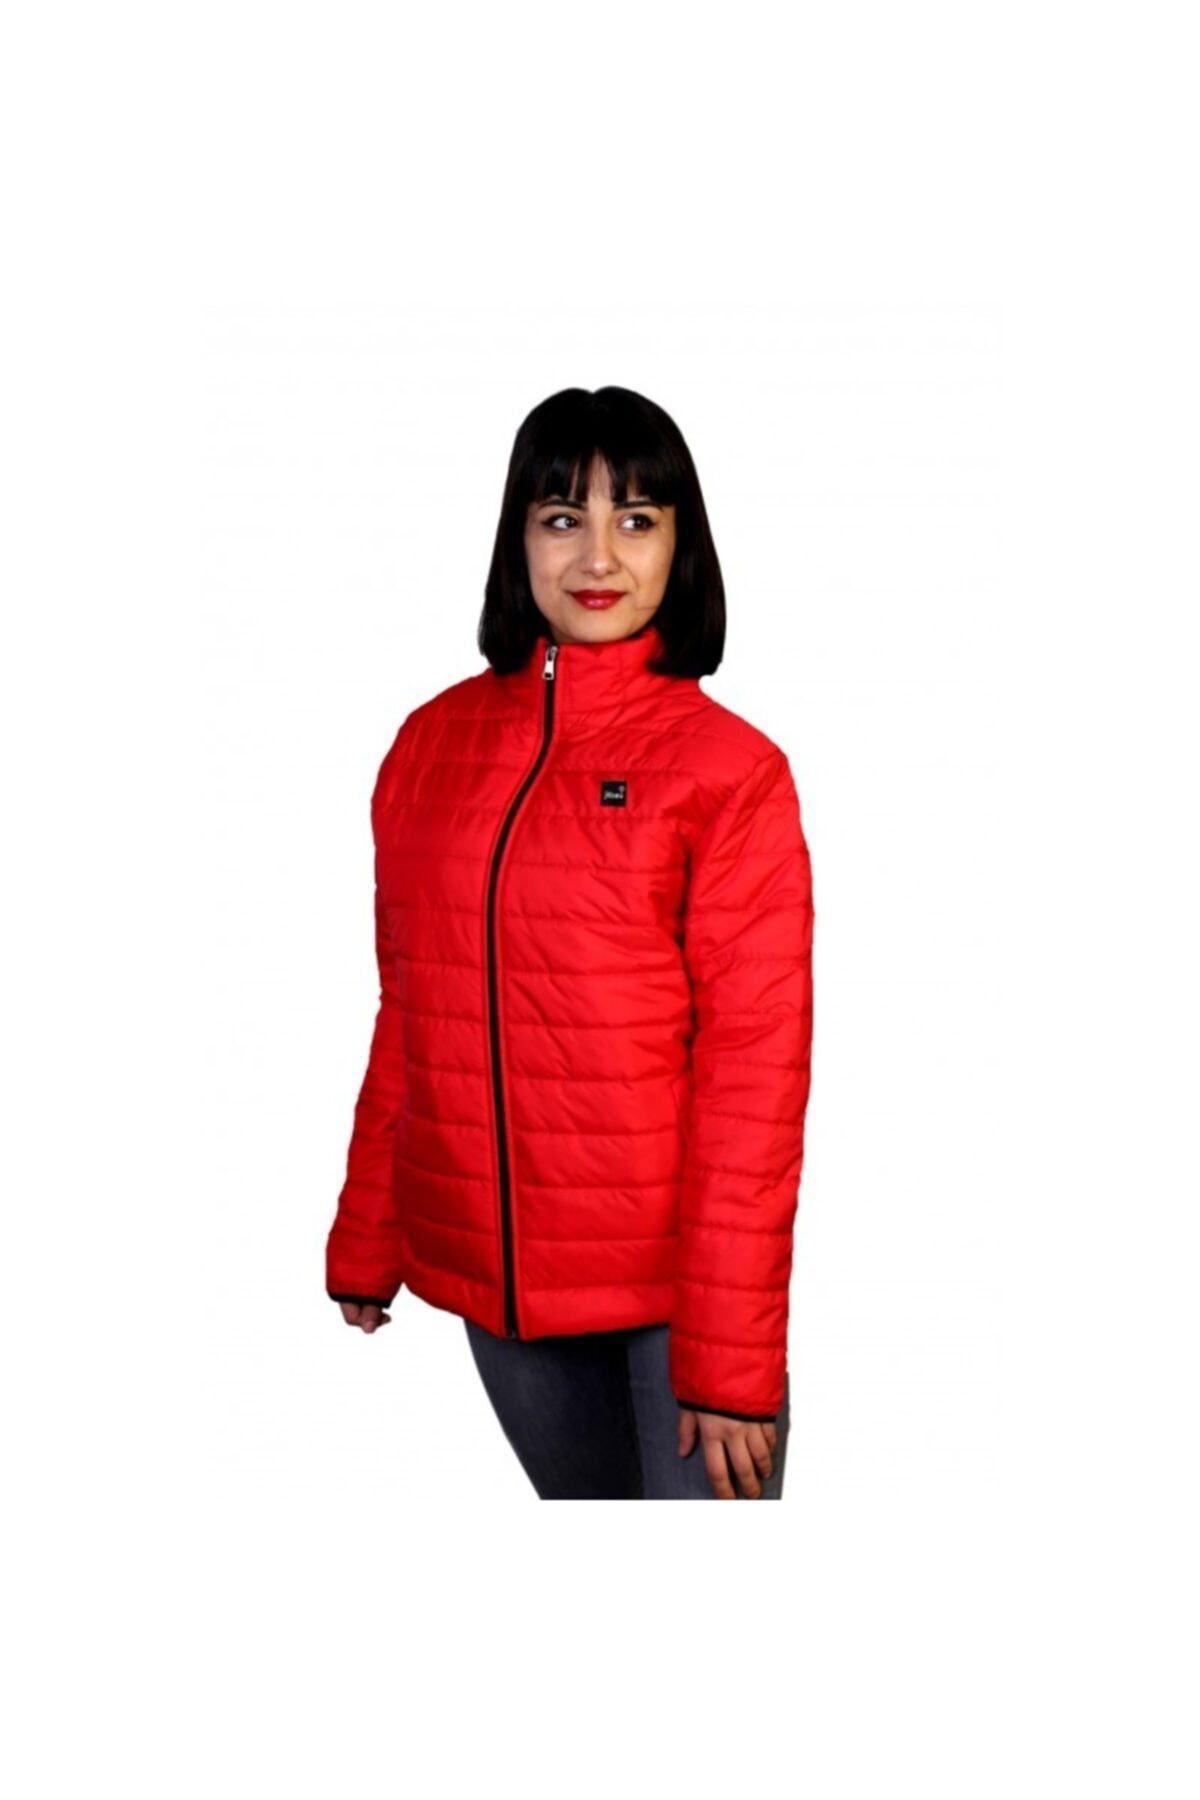 New Brand Jibau Kışlık Kadın Şişme Mont Kırmızı Renk 1